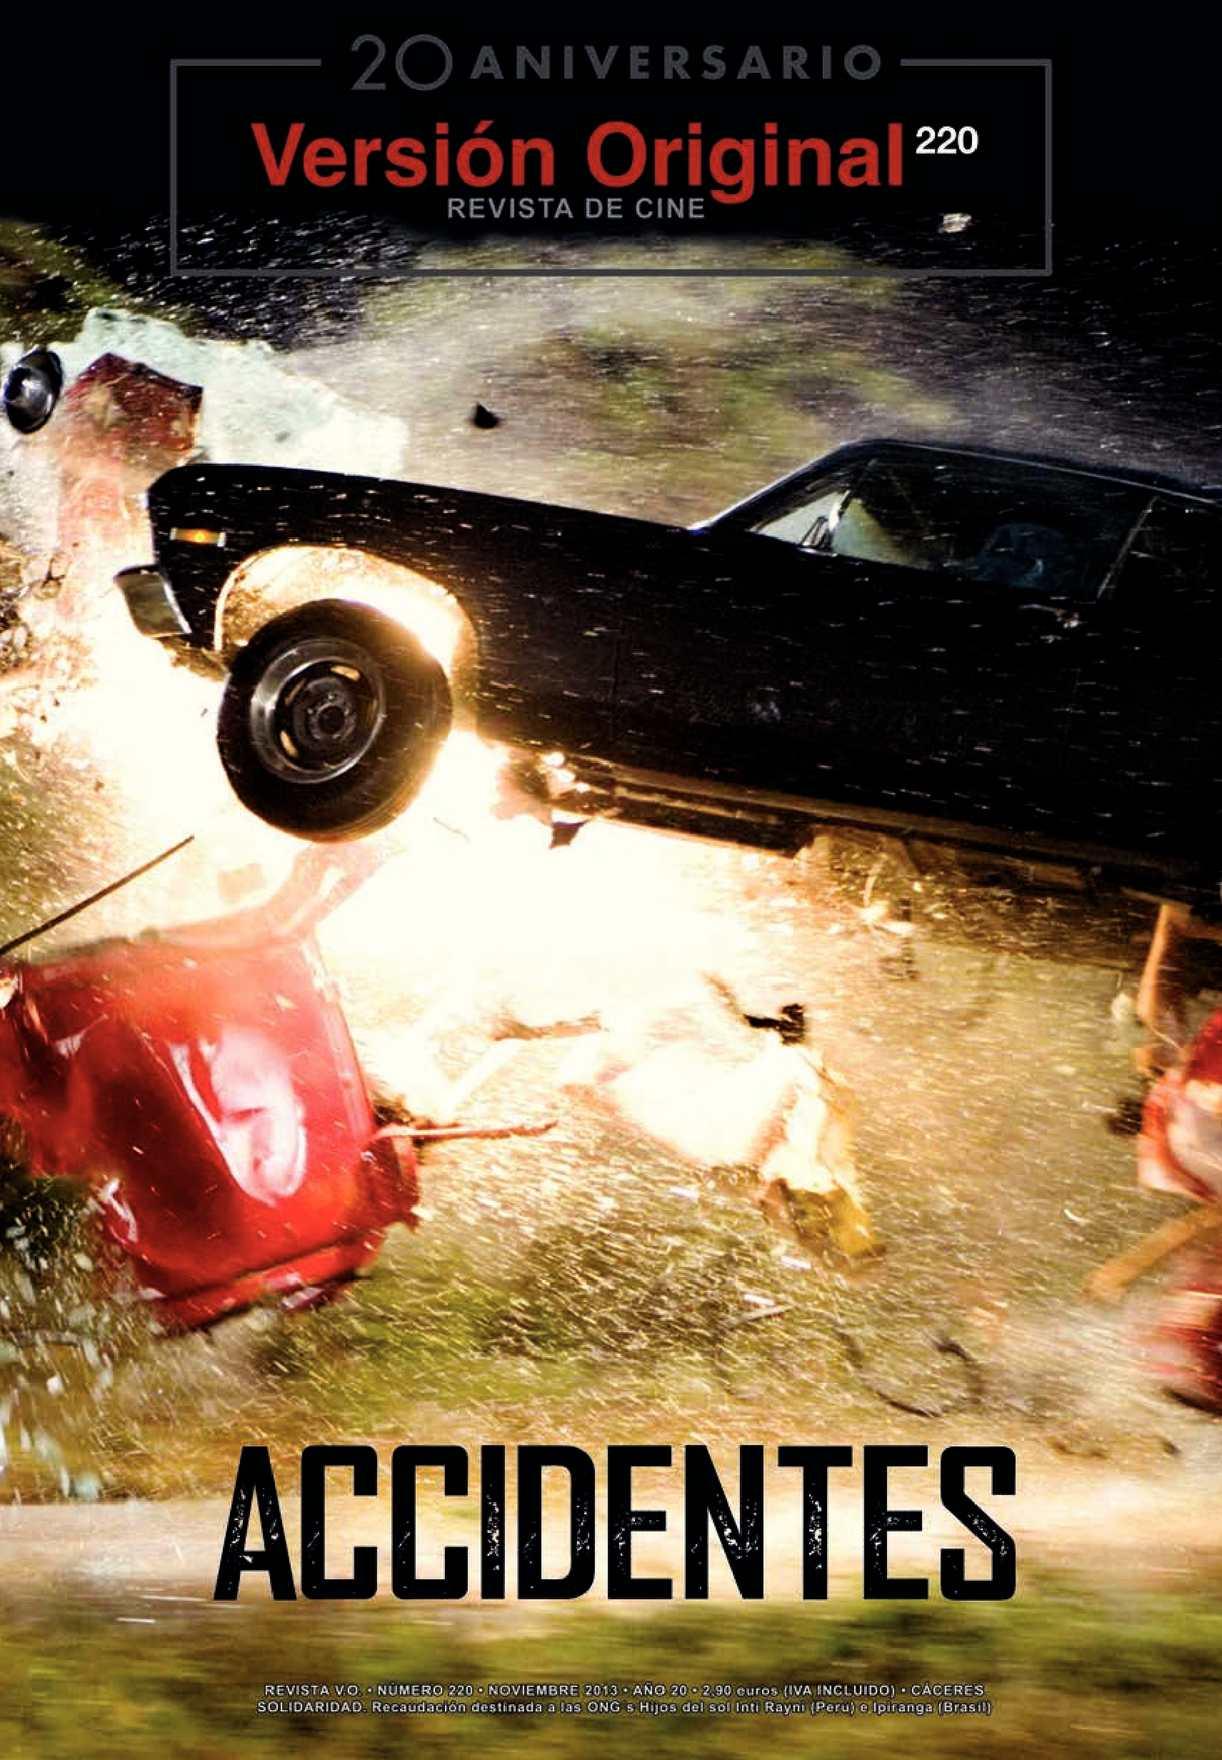 Revista de Cine Versión Original 220. Accidentes